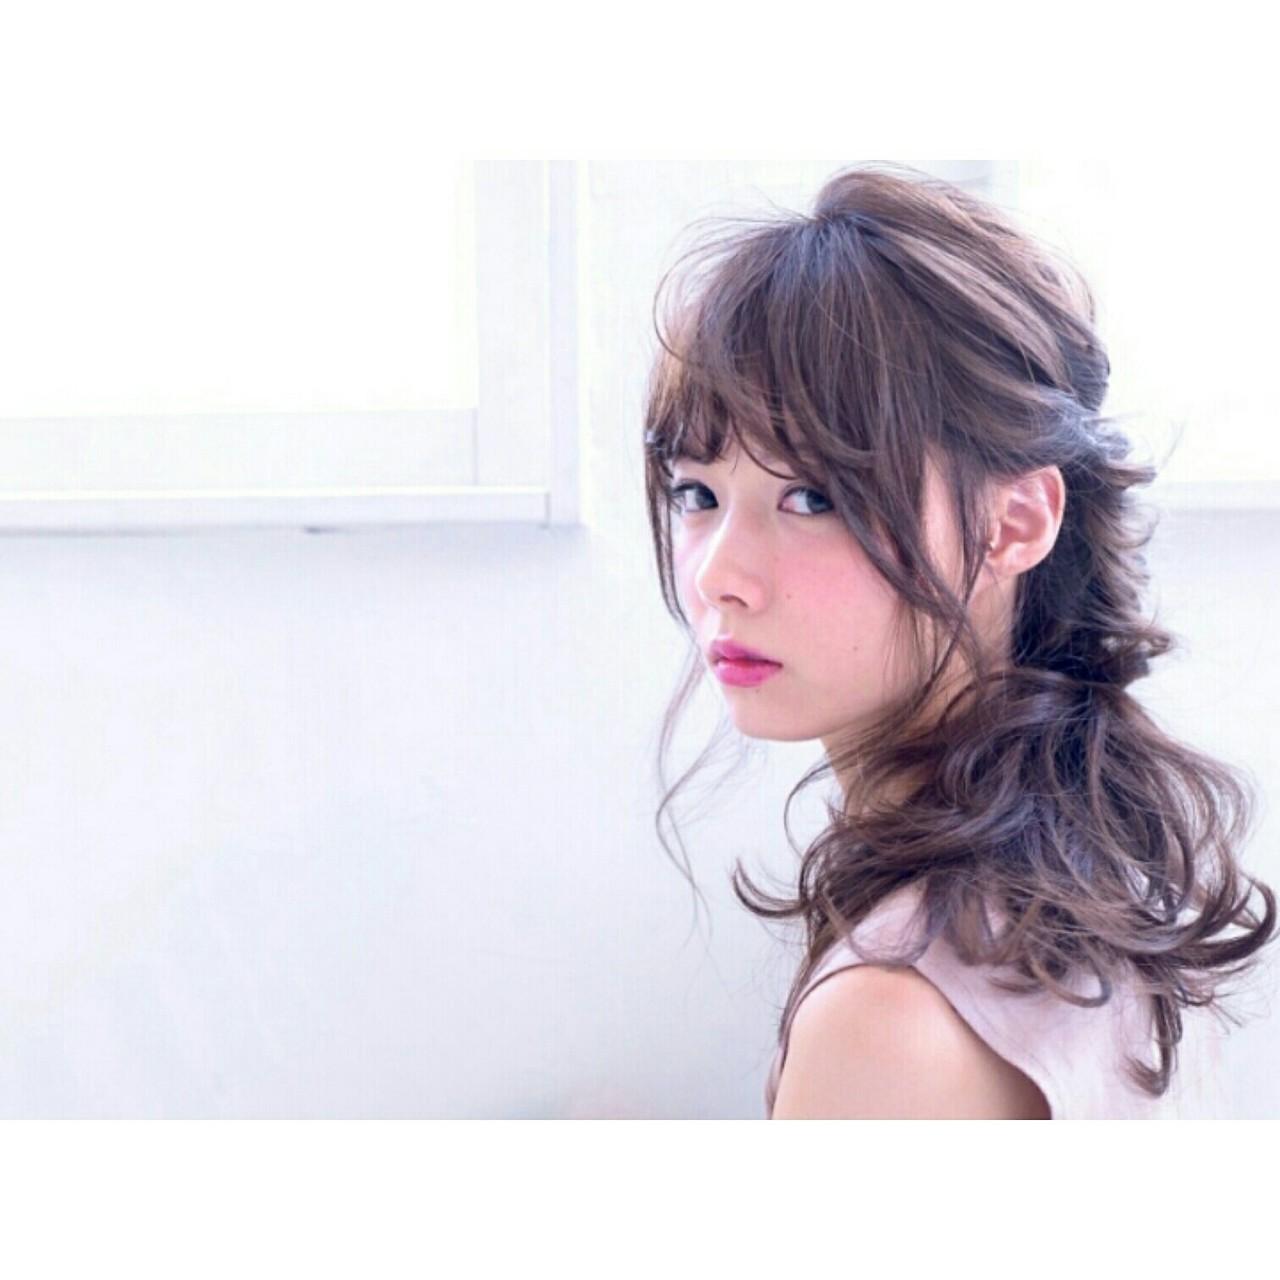 フェミニン ハーフアップ パーマ ショート ヘアスタイルや髪型の写真・画像   Yuki Ito / AVANCECROSStuin梅田茶屋町店